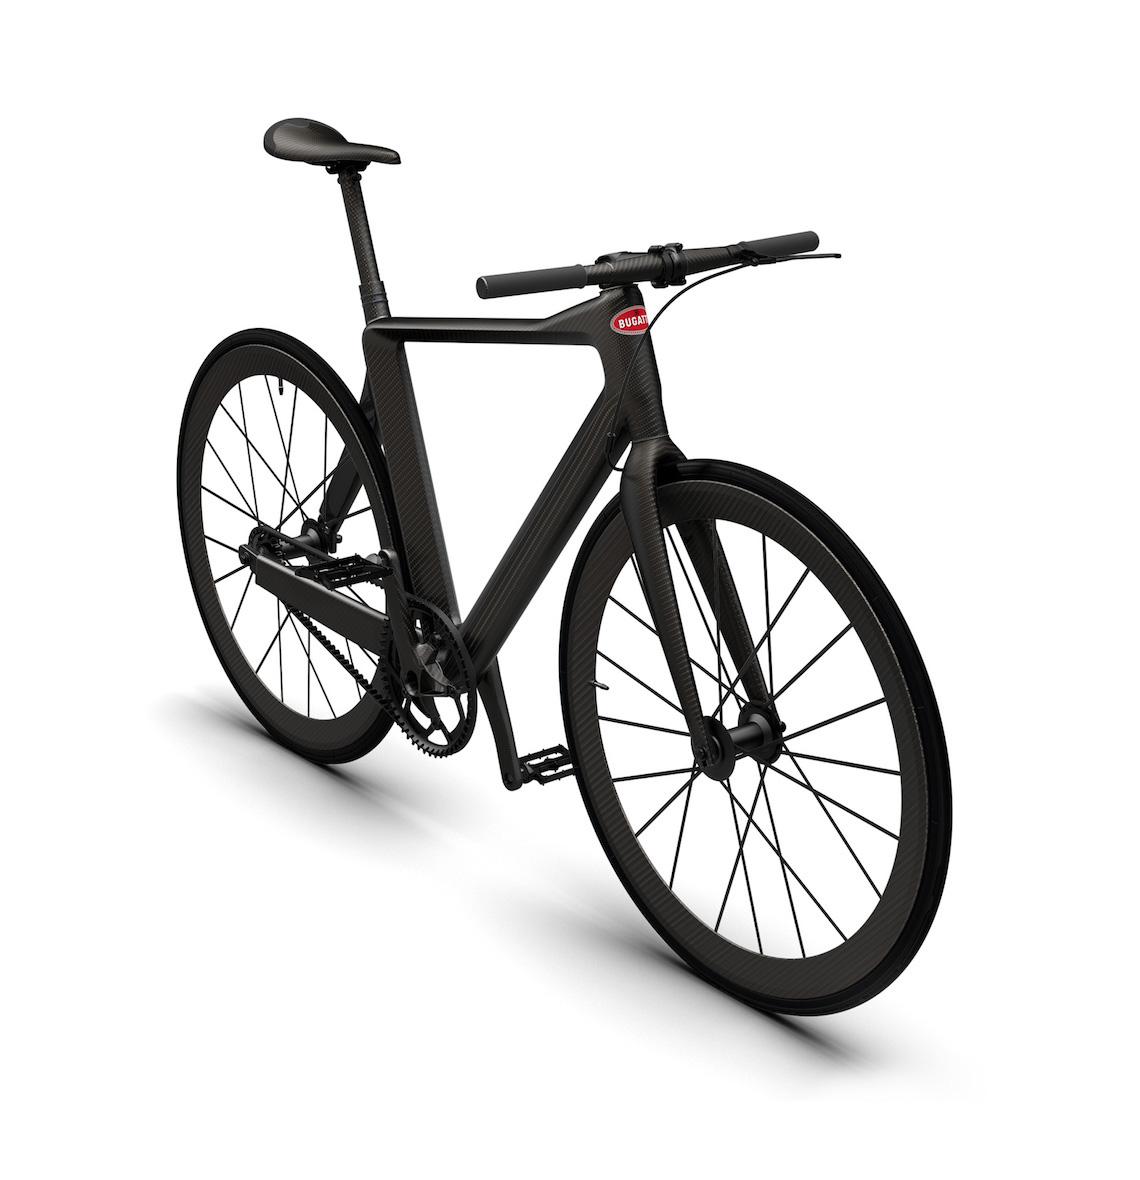 PG x Bugatti urban_bike_urbancycling_3